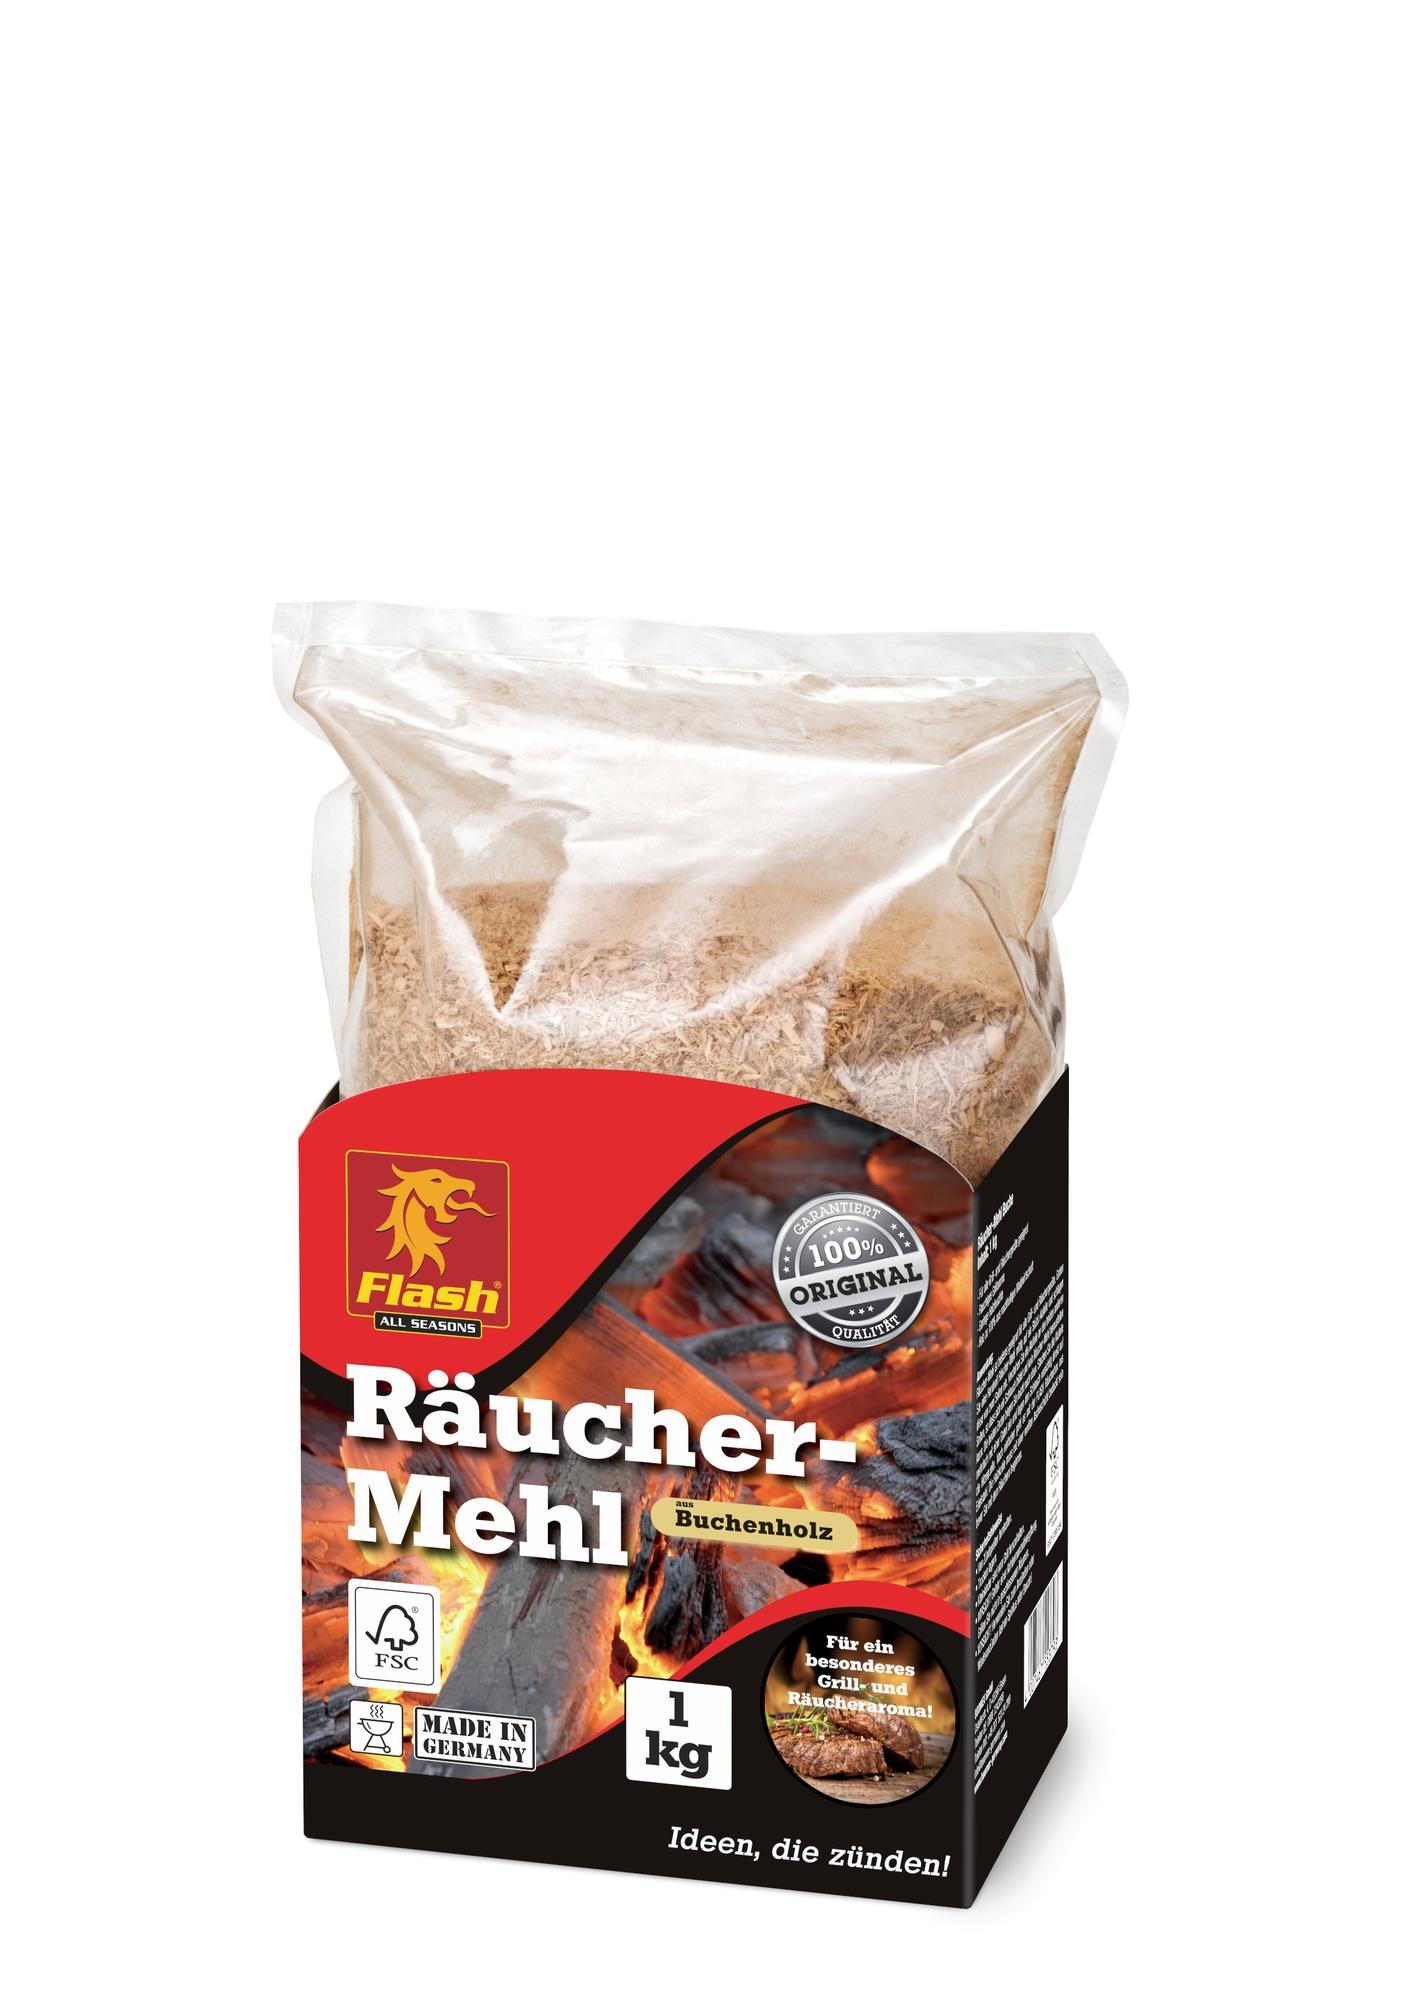 FLASH Räucher-Mehl Buche 1kg